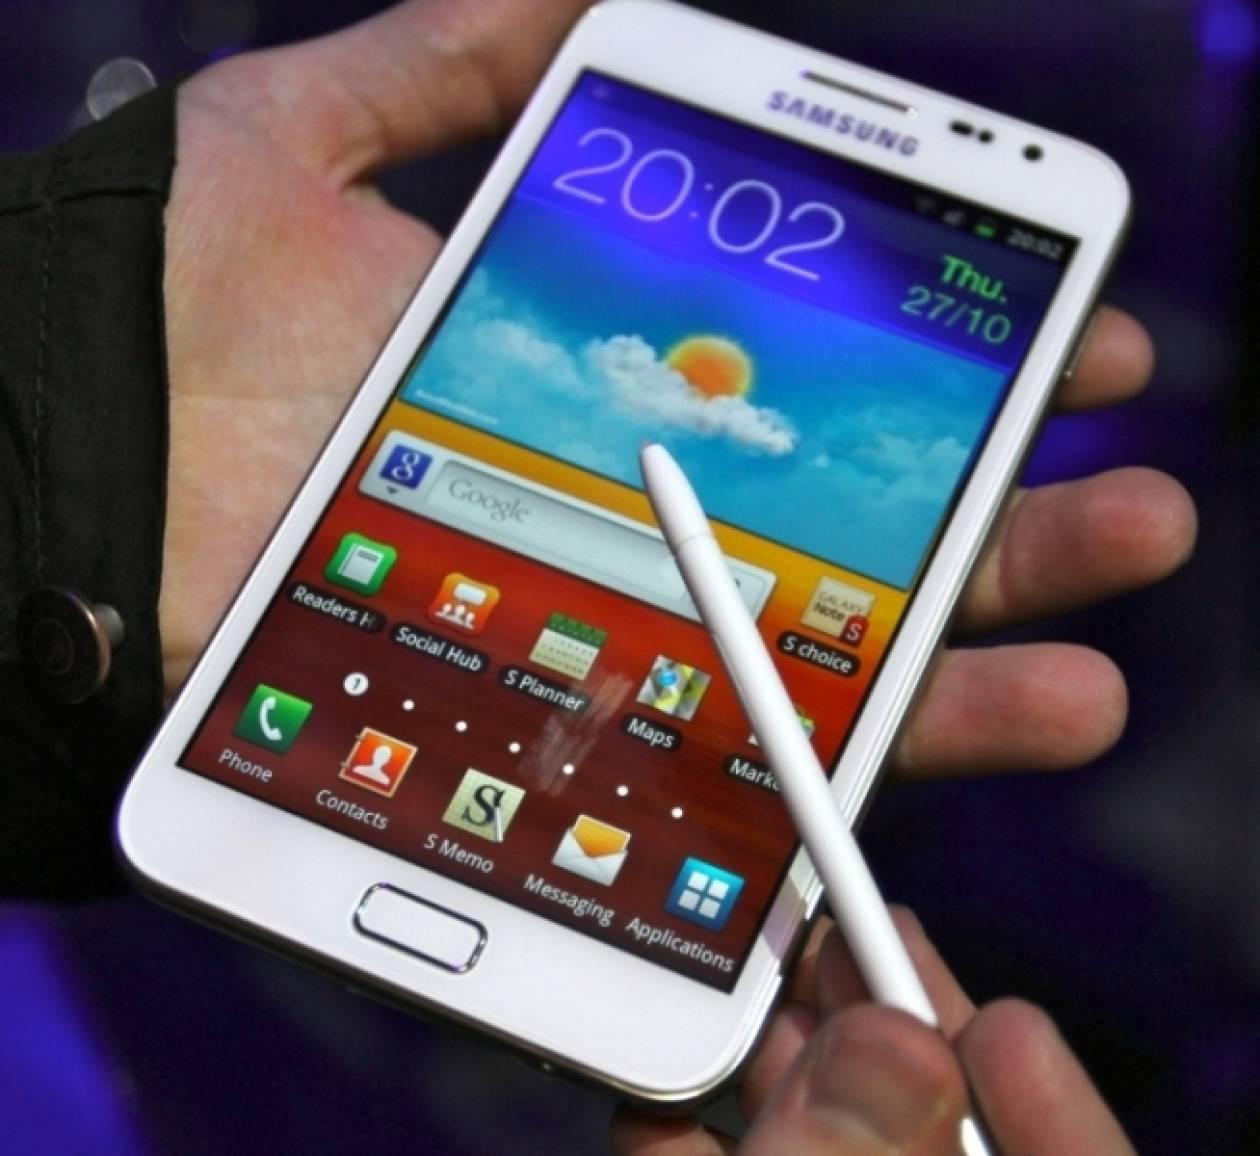 Ετοιμάζεται το Samsung Galaxy Note 2